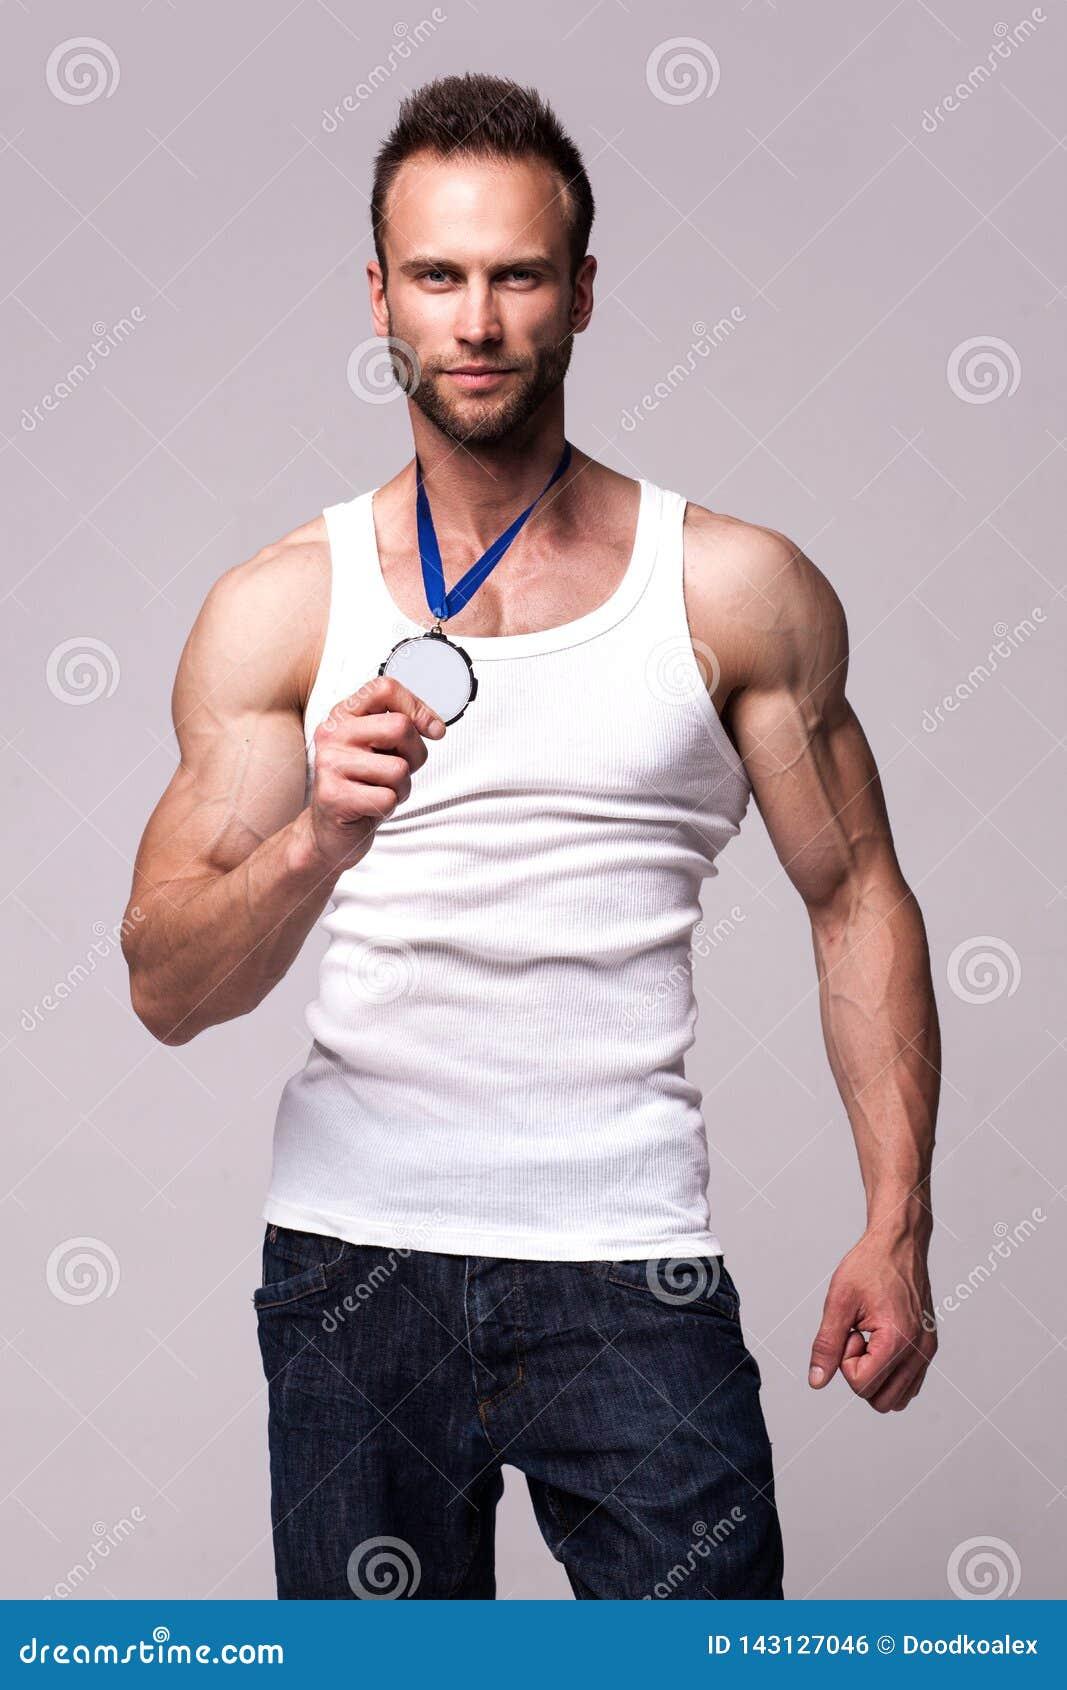 Portret van de atletische mens in wit onderhemd met kampioenenmedaille